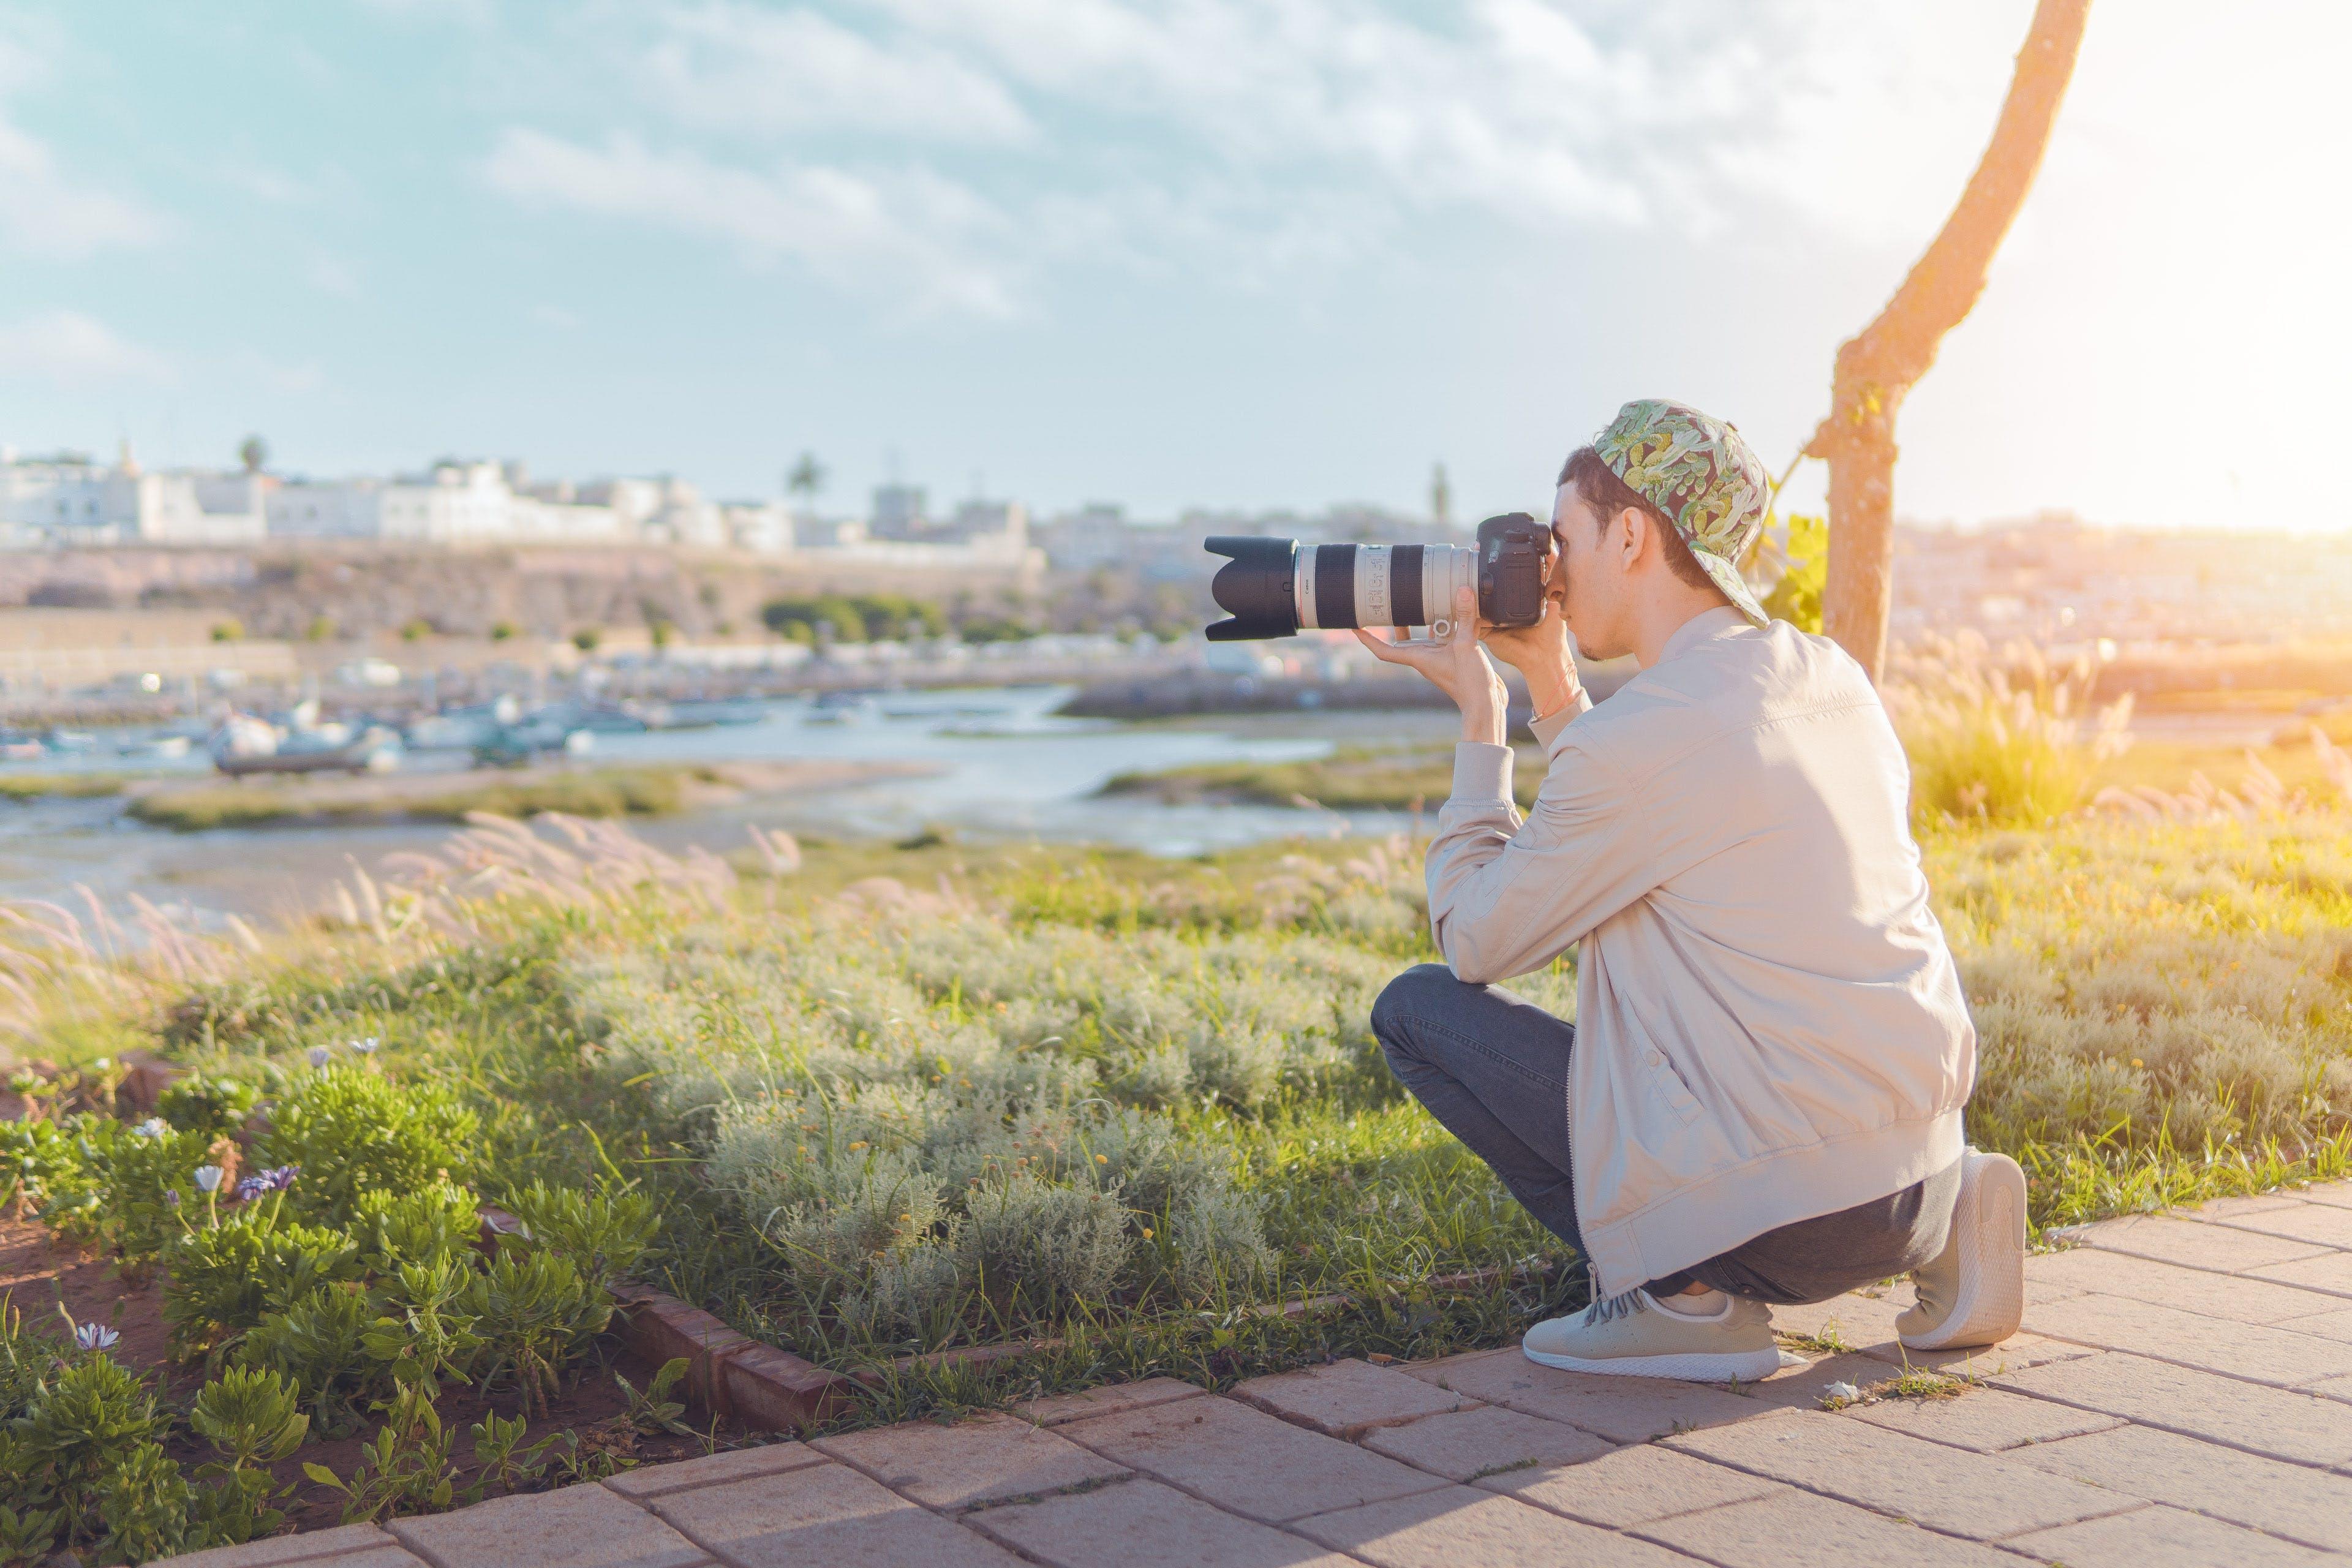 camera, camera lens, dslr